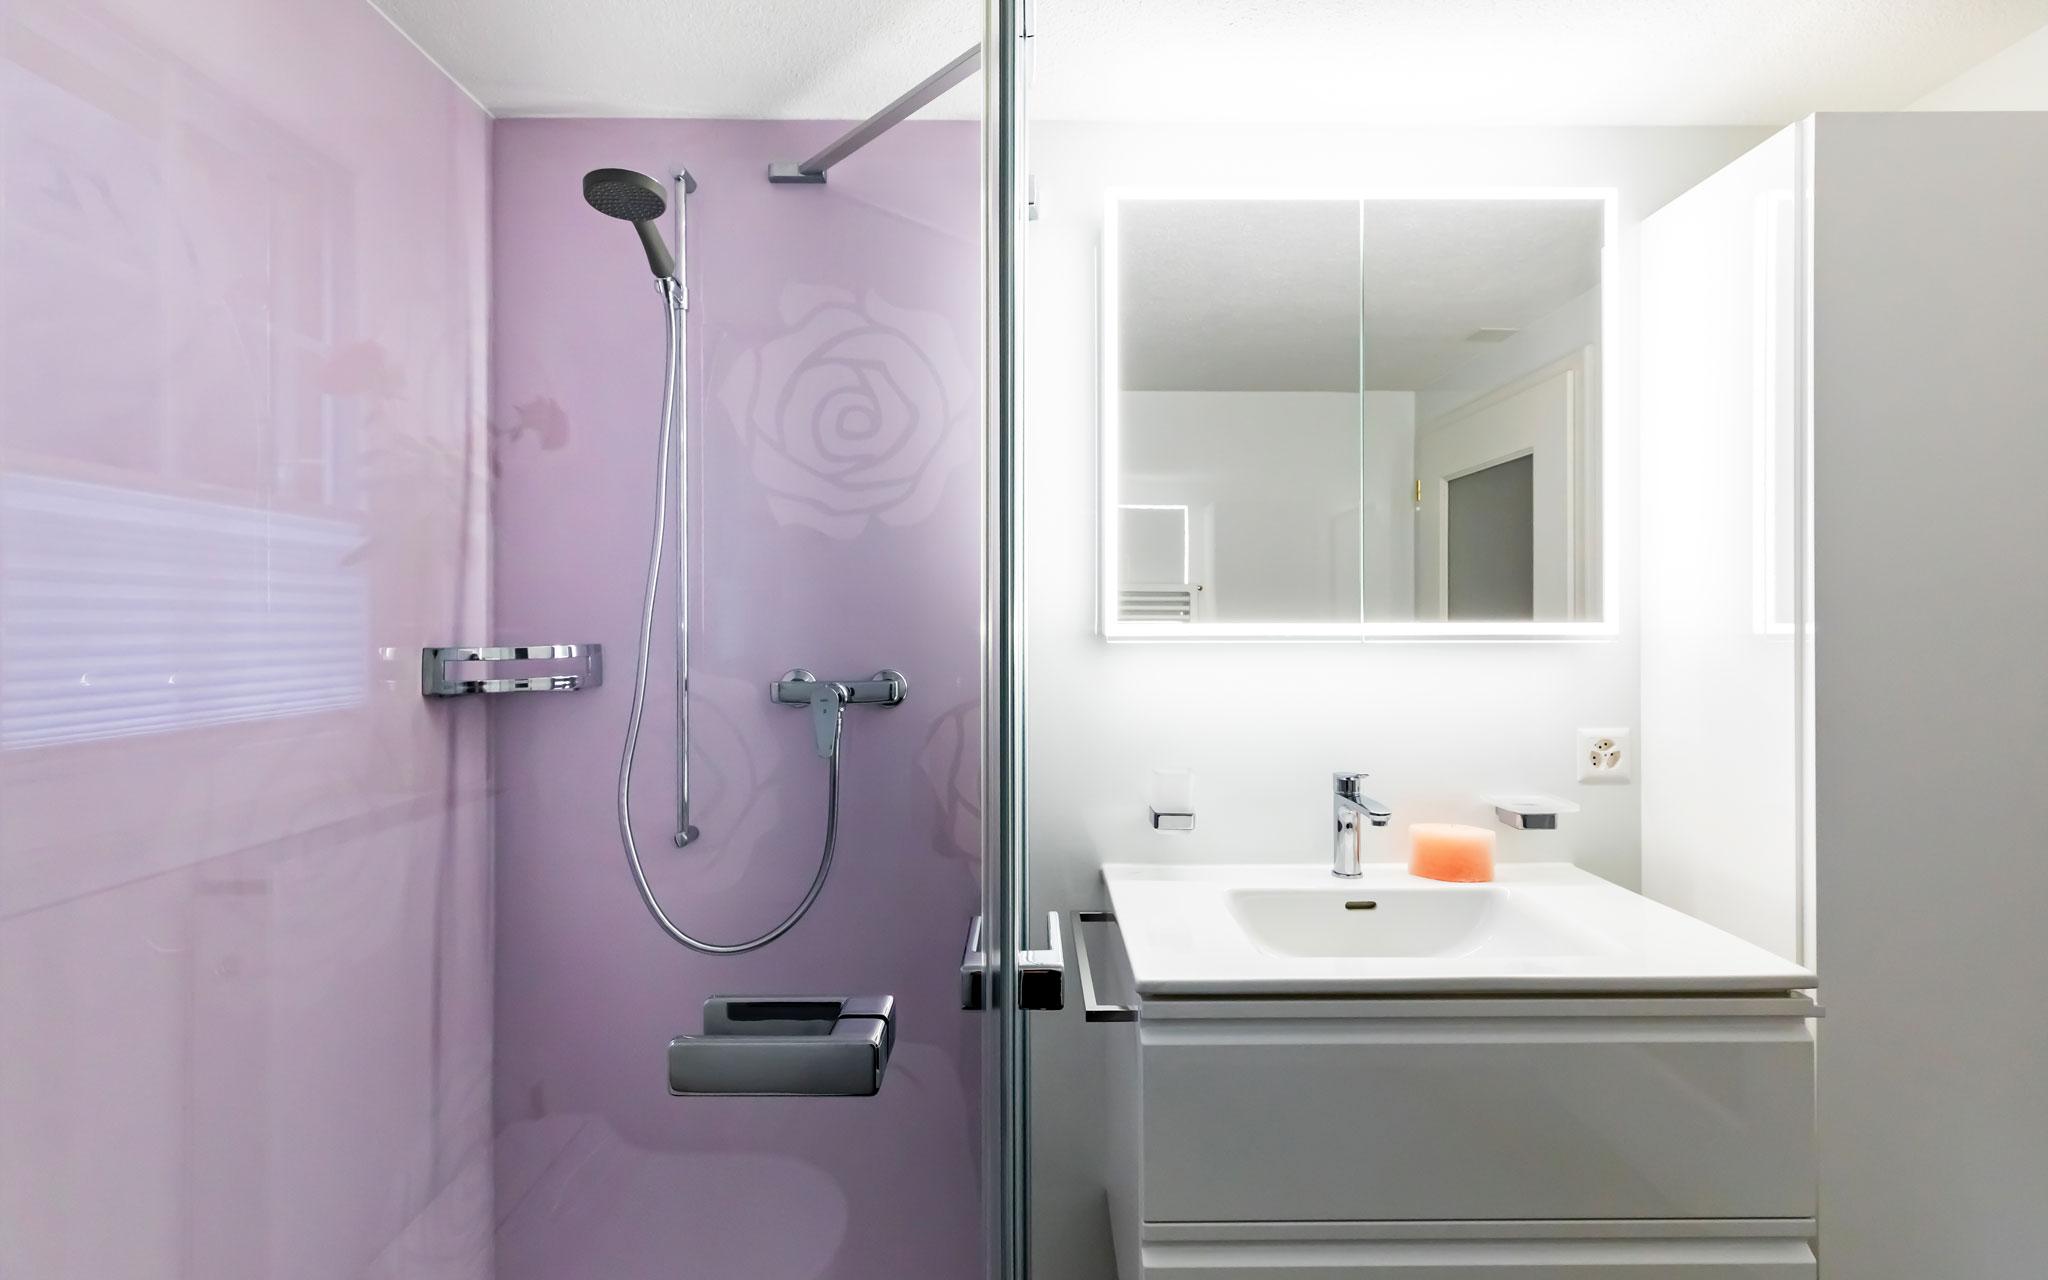 Badezimmer mit farbigen WSP-Platten als Rückwand - Forrerbau AG